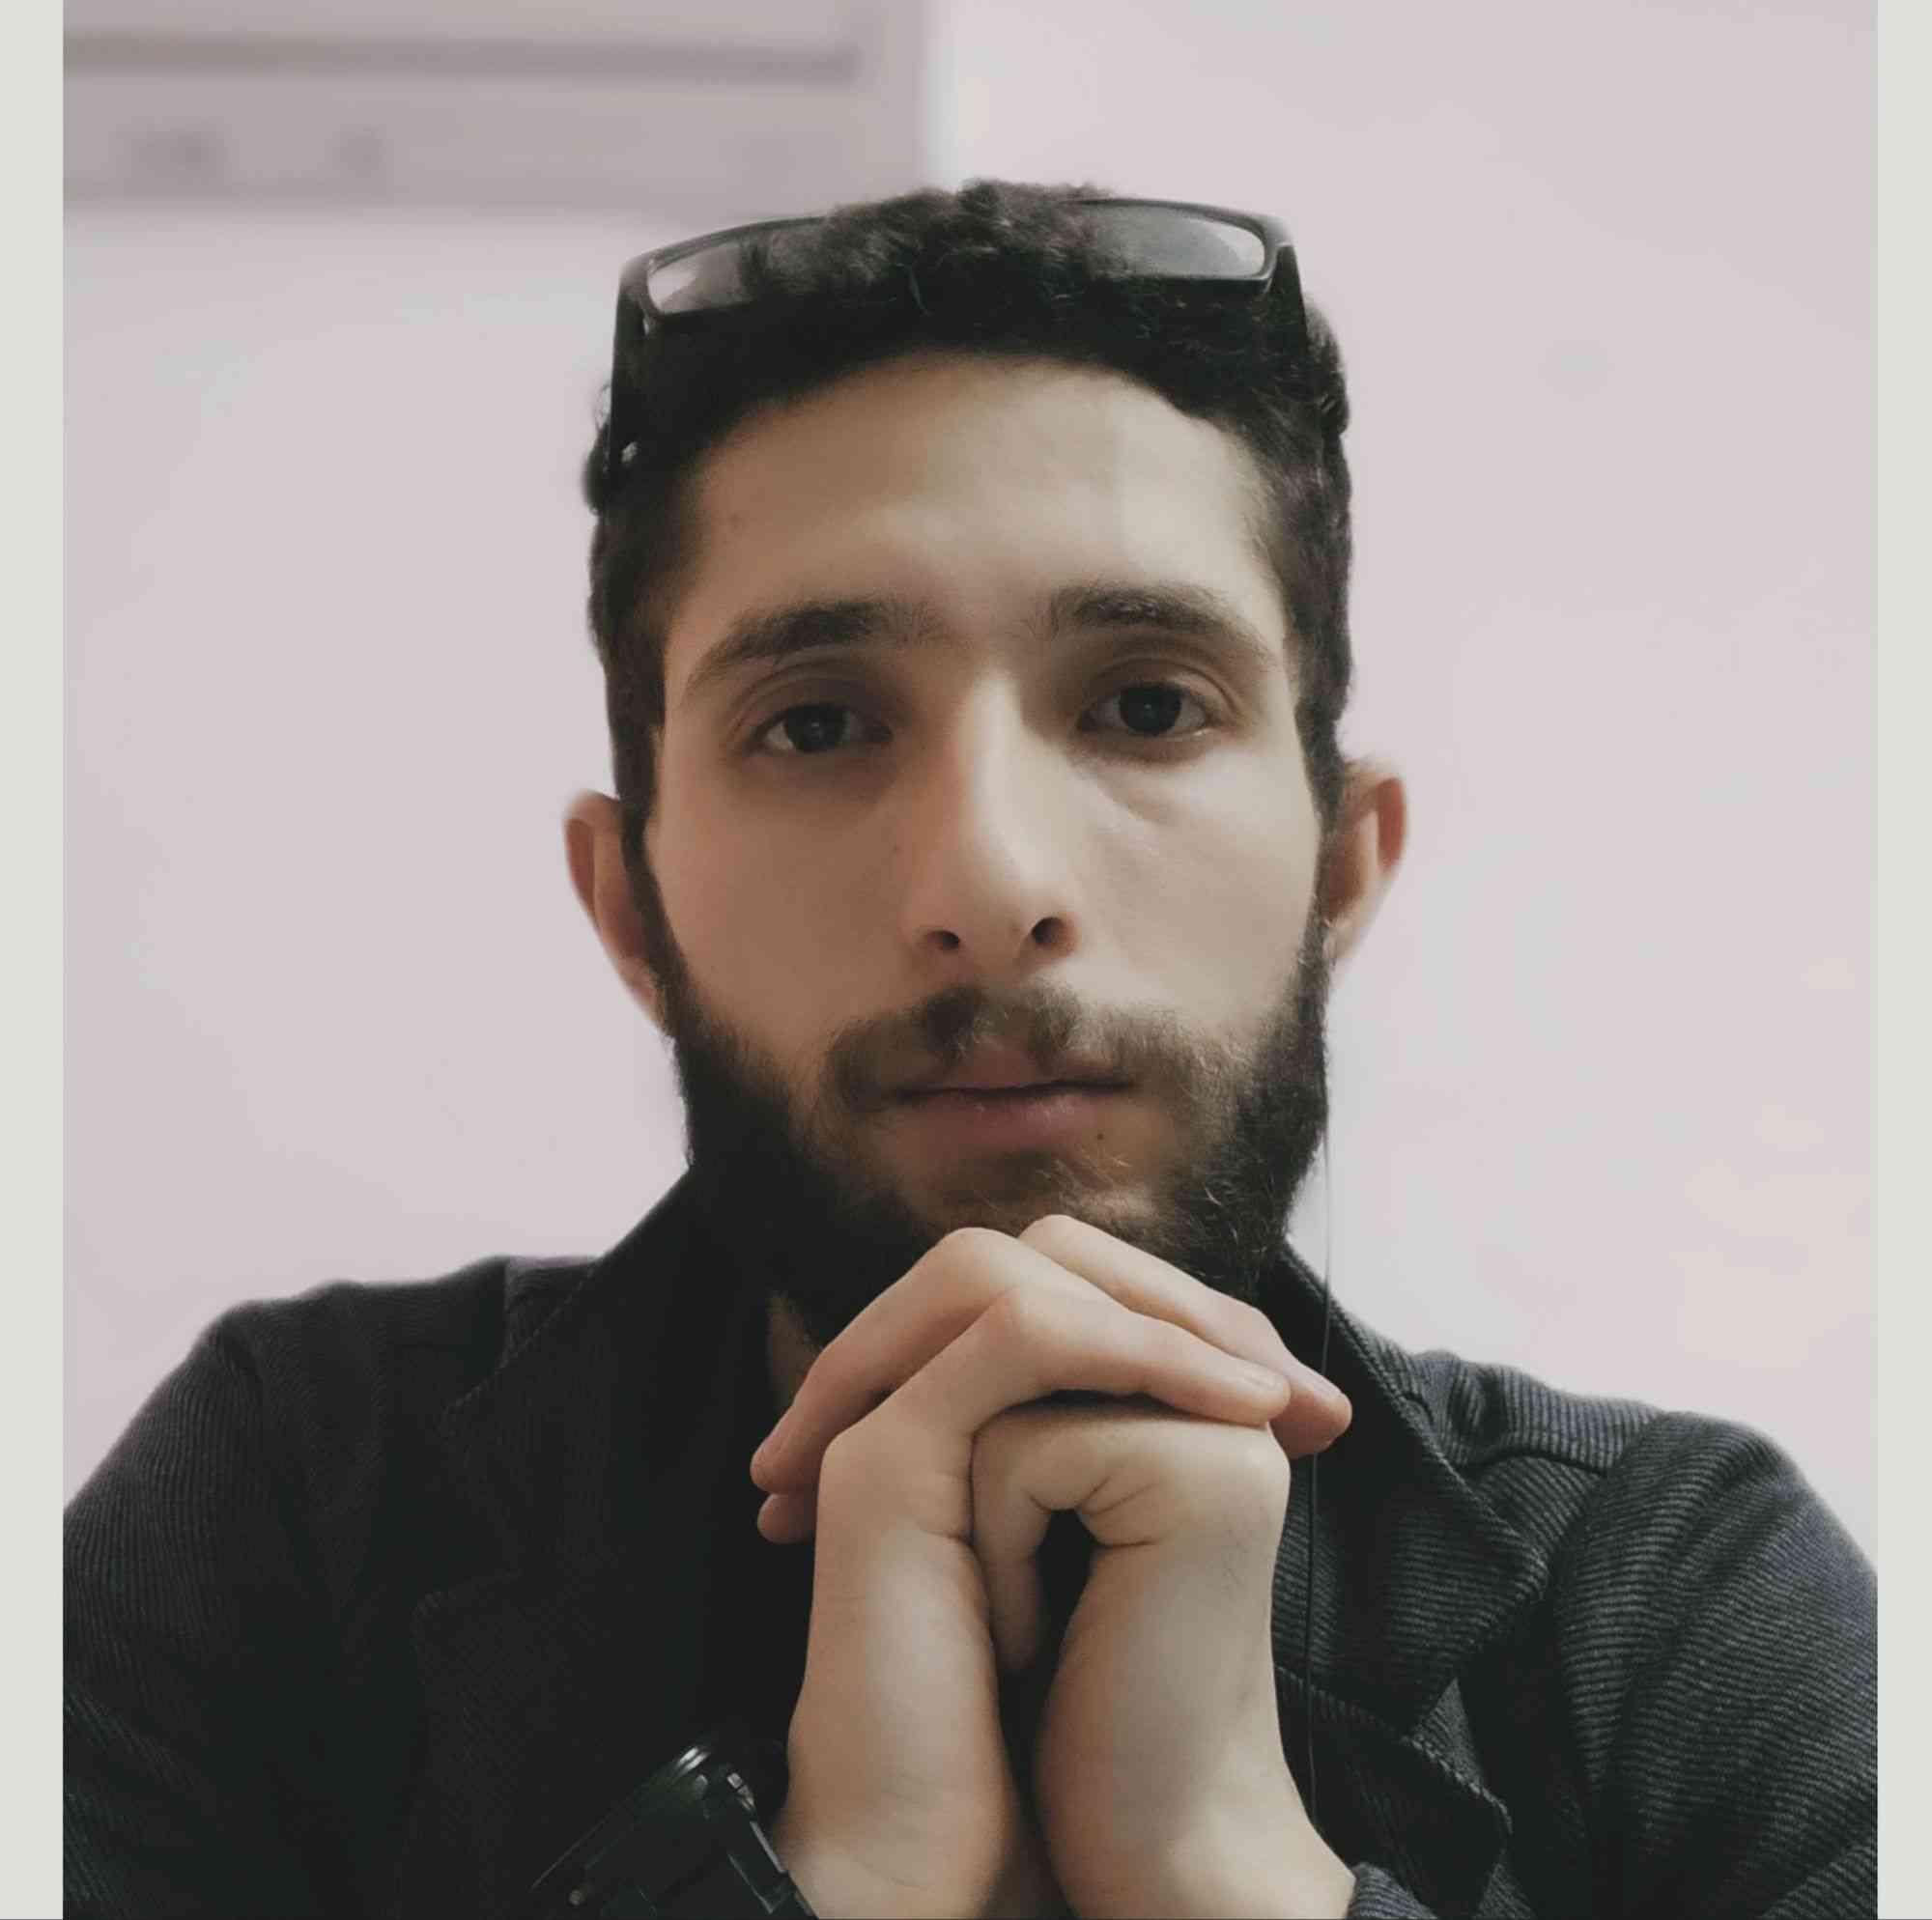 Ahmed gaid kossaila